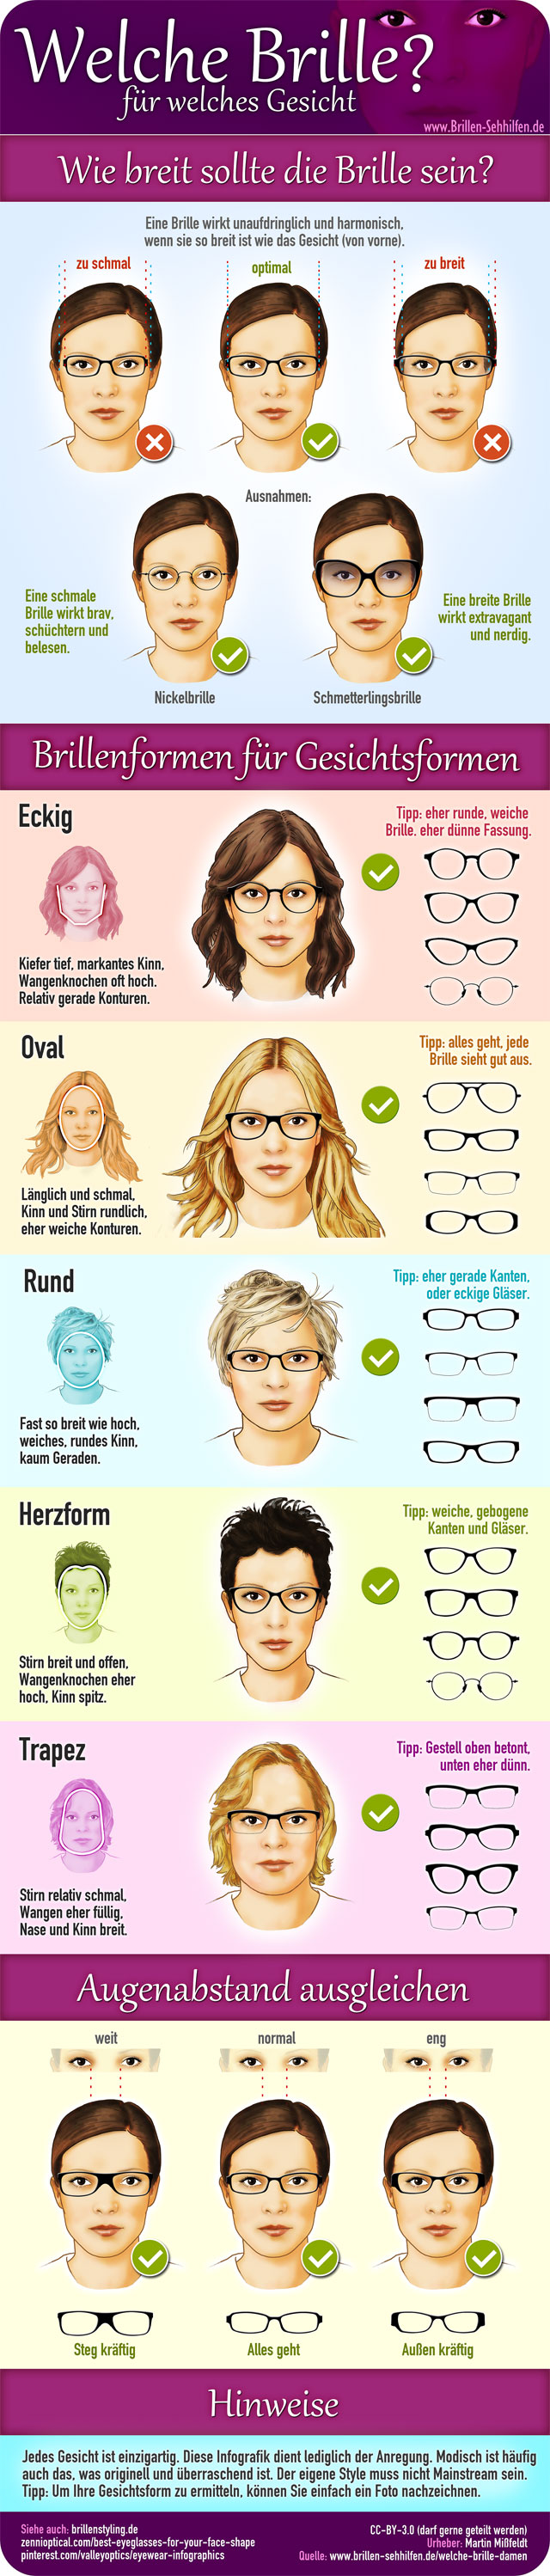 Welche Brille für welches Gesicht?